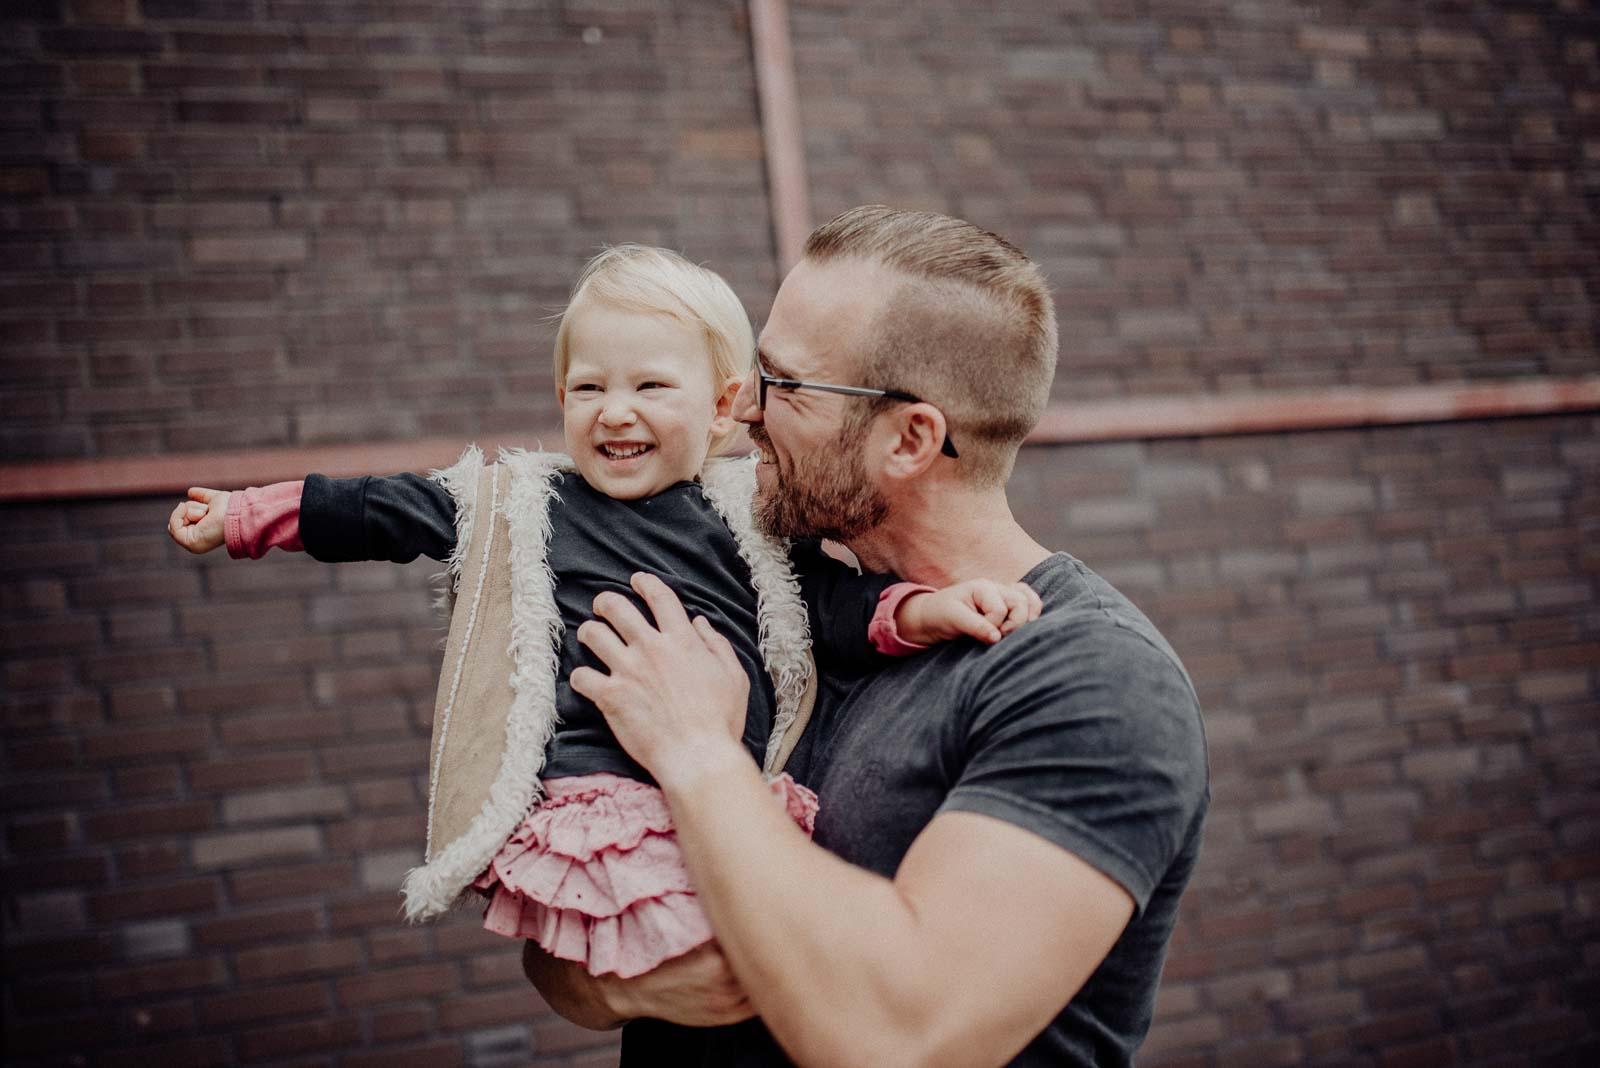 Tochter und Vater bei Familienfotoshooting